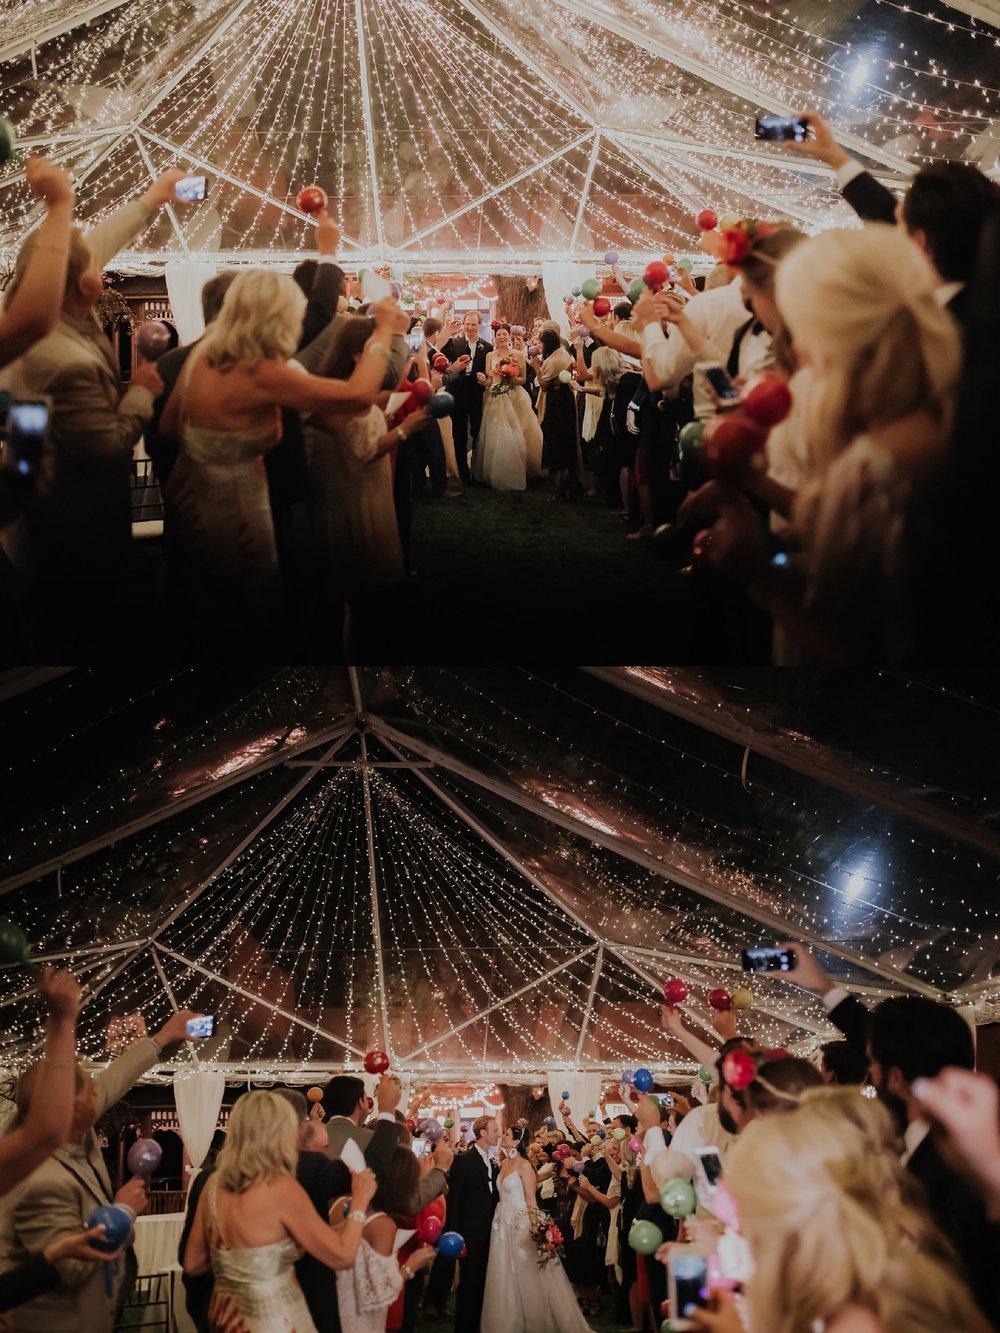 Alicia+lucia+photography+-+albuquerque+wedding+photographer+-+santa+fe+wedding+photography+-+new+mexico+wedding+photographer+-+new+mexico+wedding+-+santa+fe+wedding+-+albuquerque+wedding+-+southwest+wedding+traditions_0035.jpg